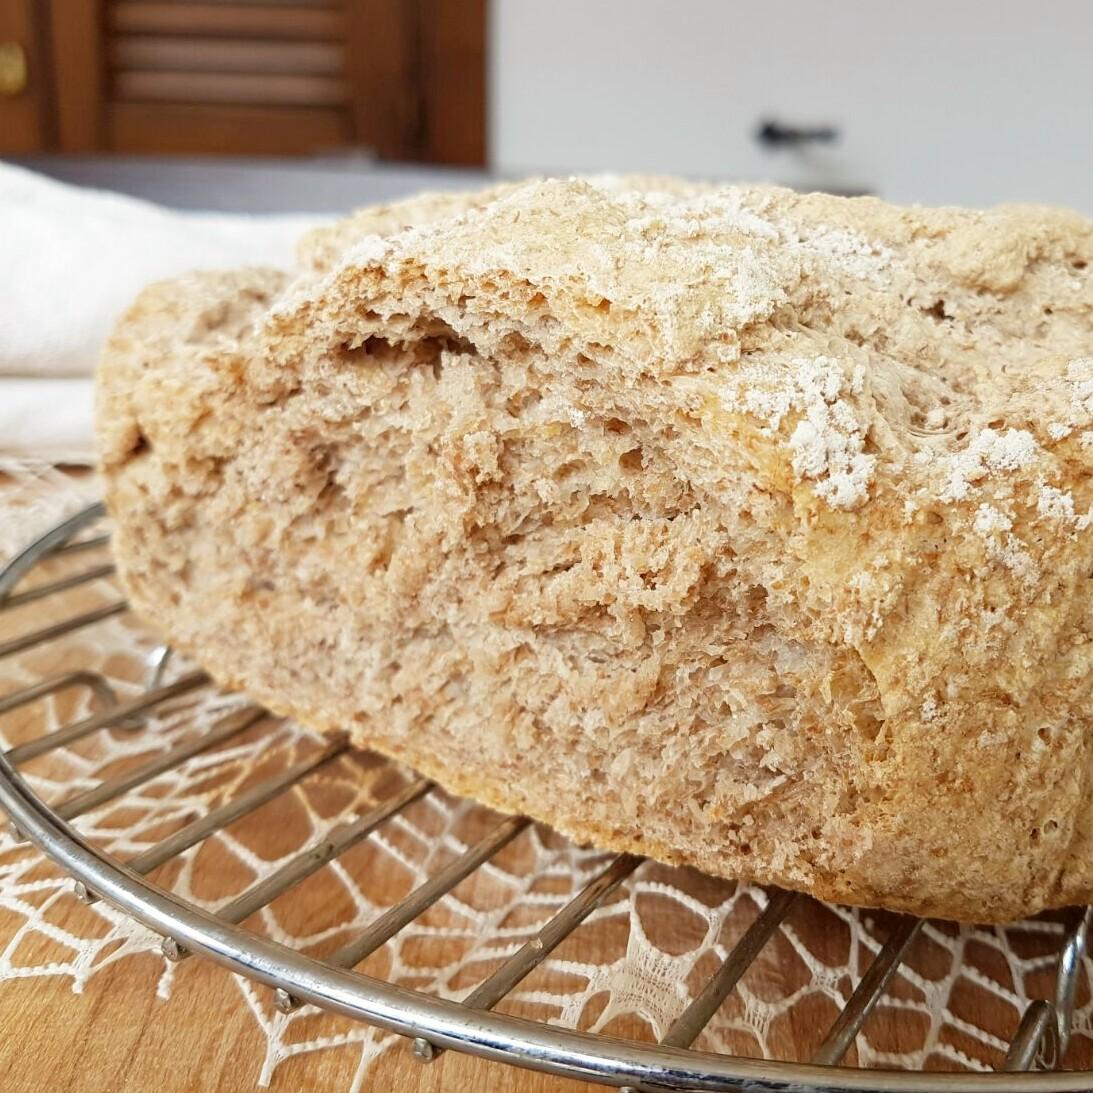 PANE INTEGRALE ricetta pane con lievito di birra pane con farina integrale